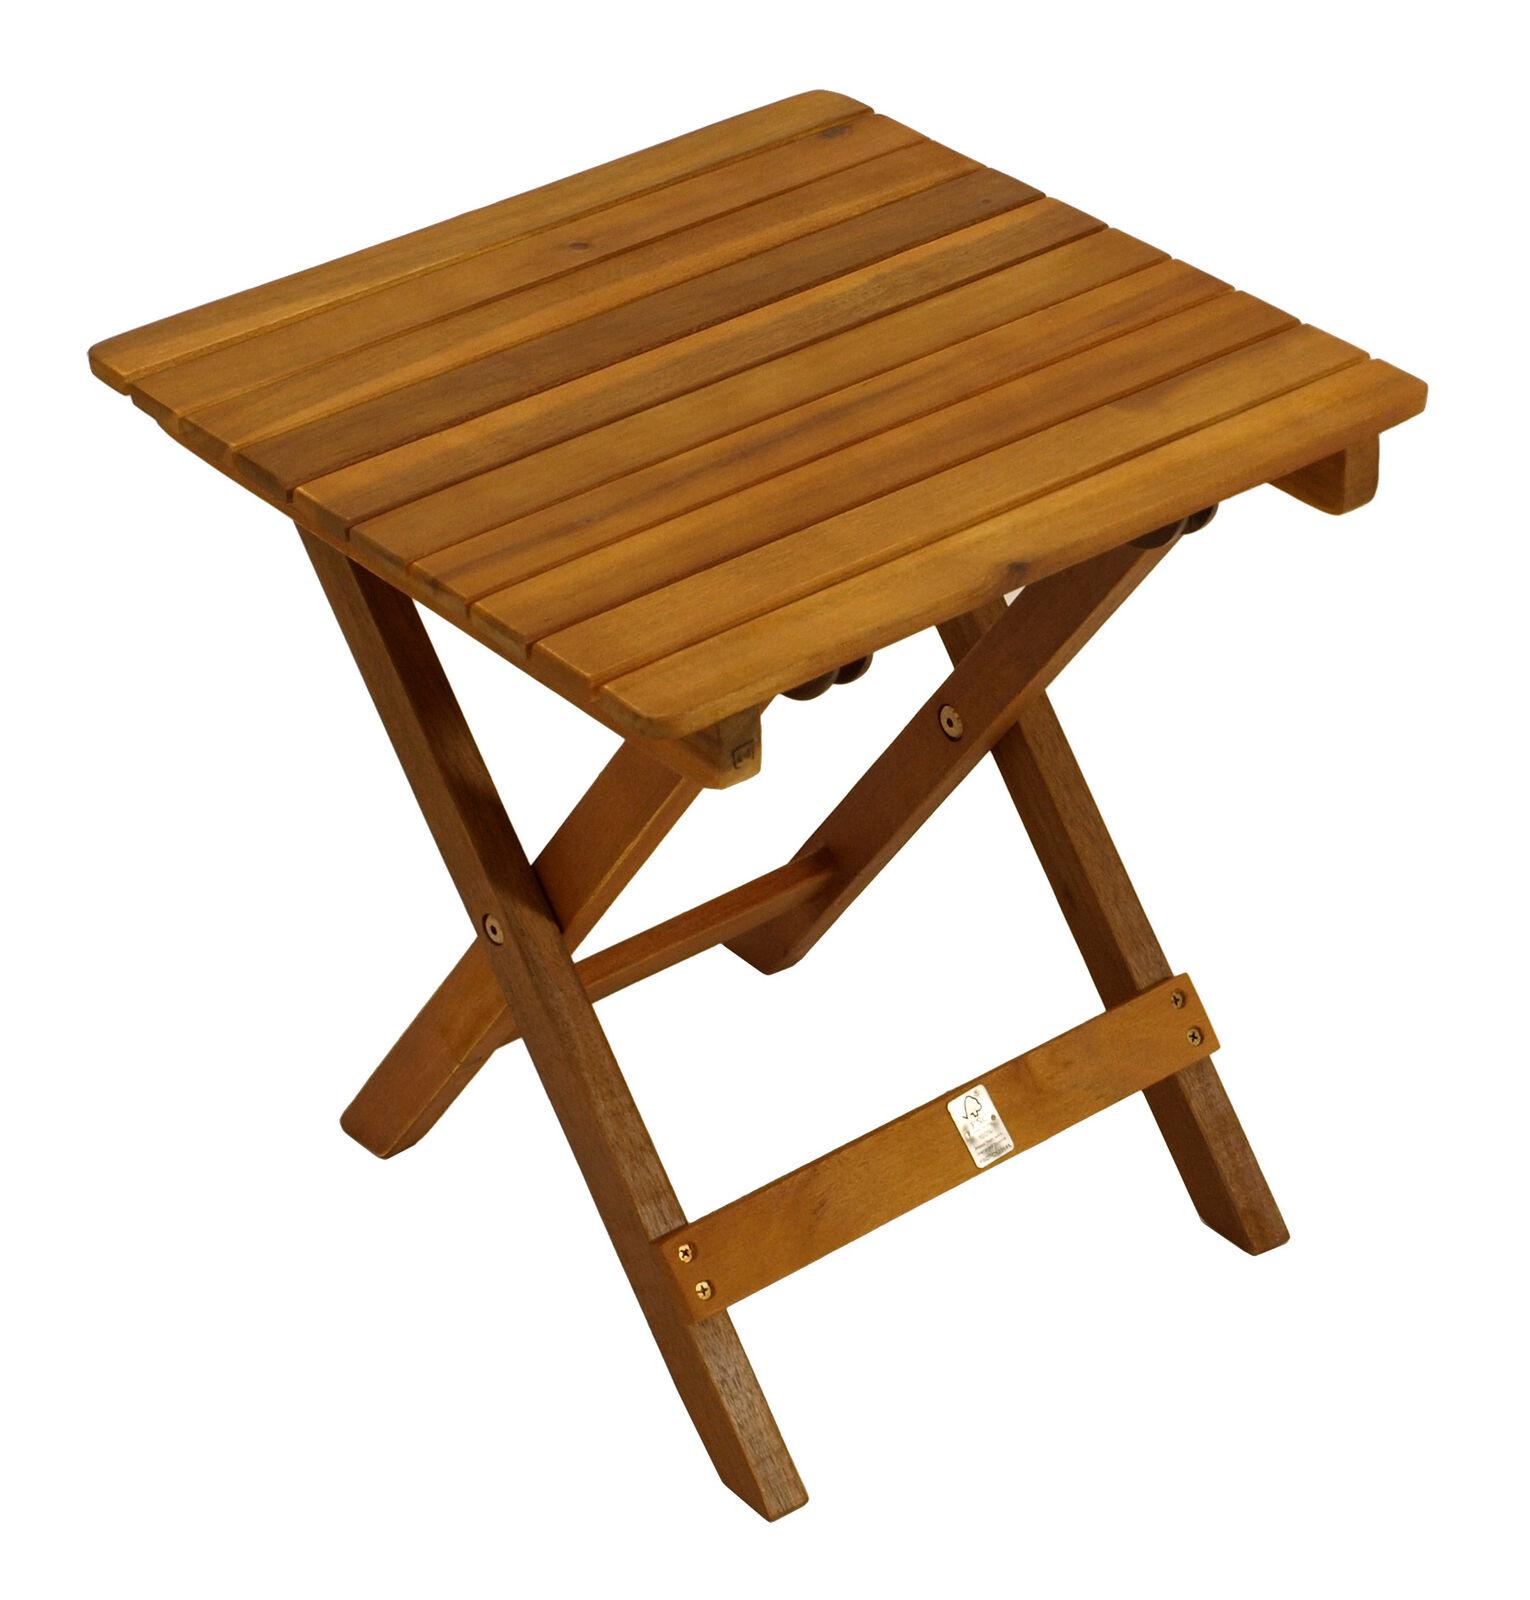 Beistelltisch Klapptisch Holztisch Kaffeetisch Mara 38x38x40cm Holz Akazie